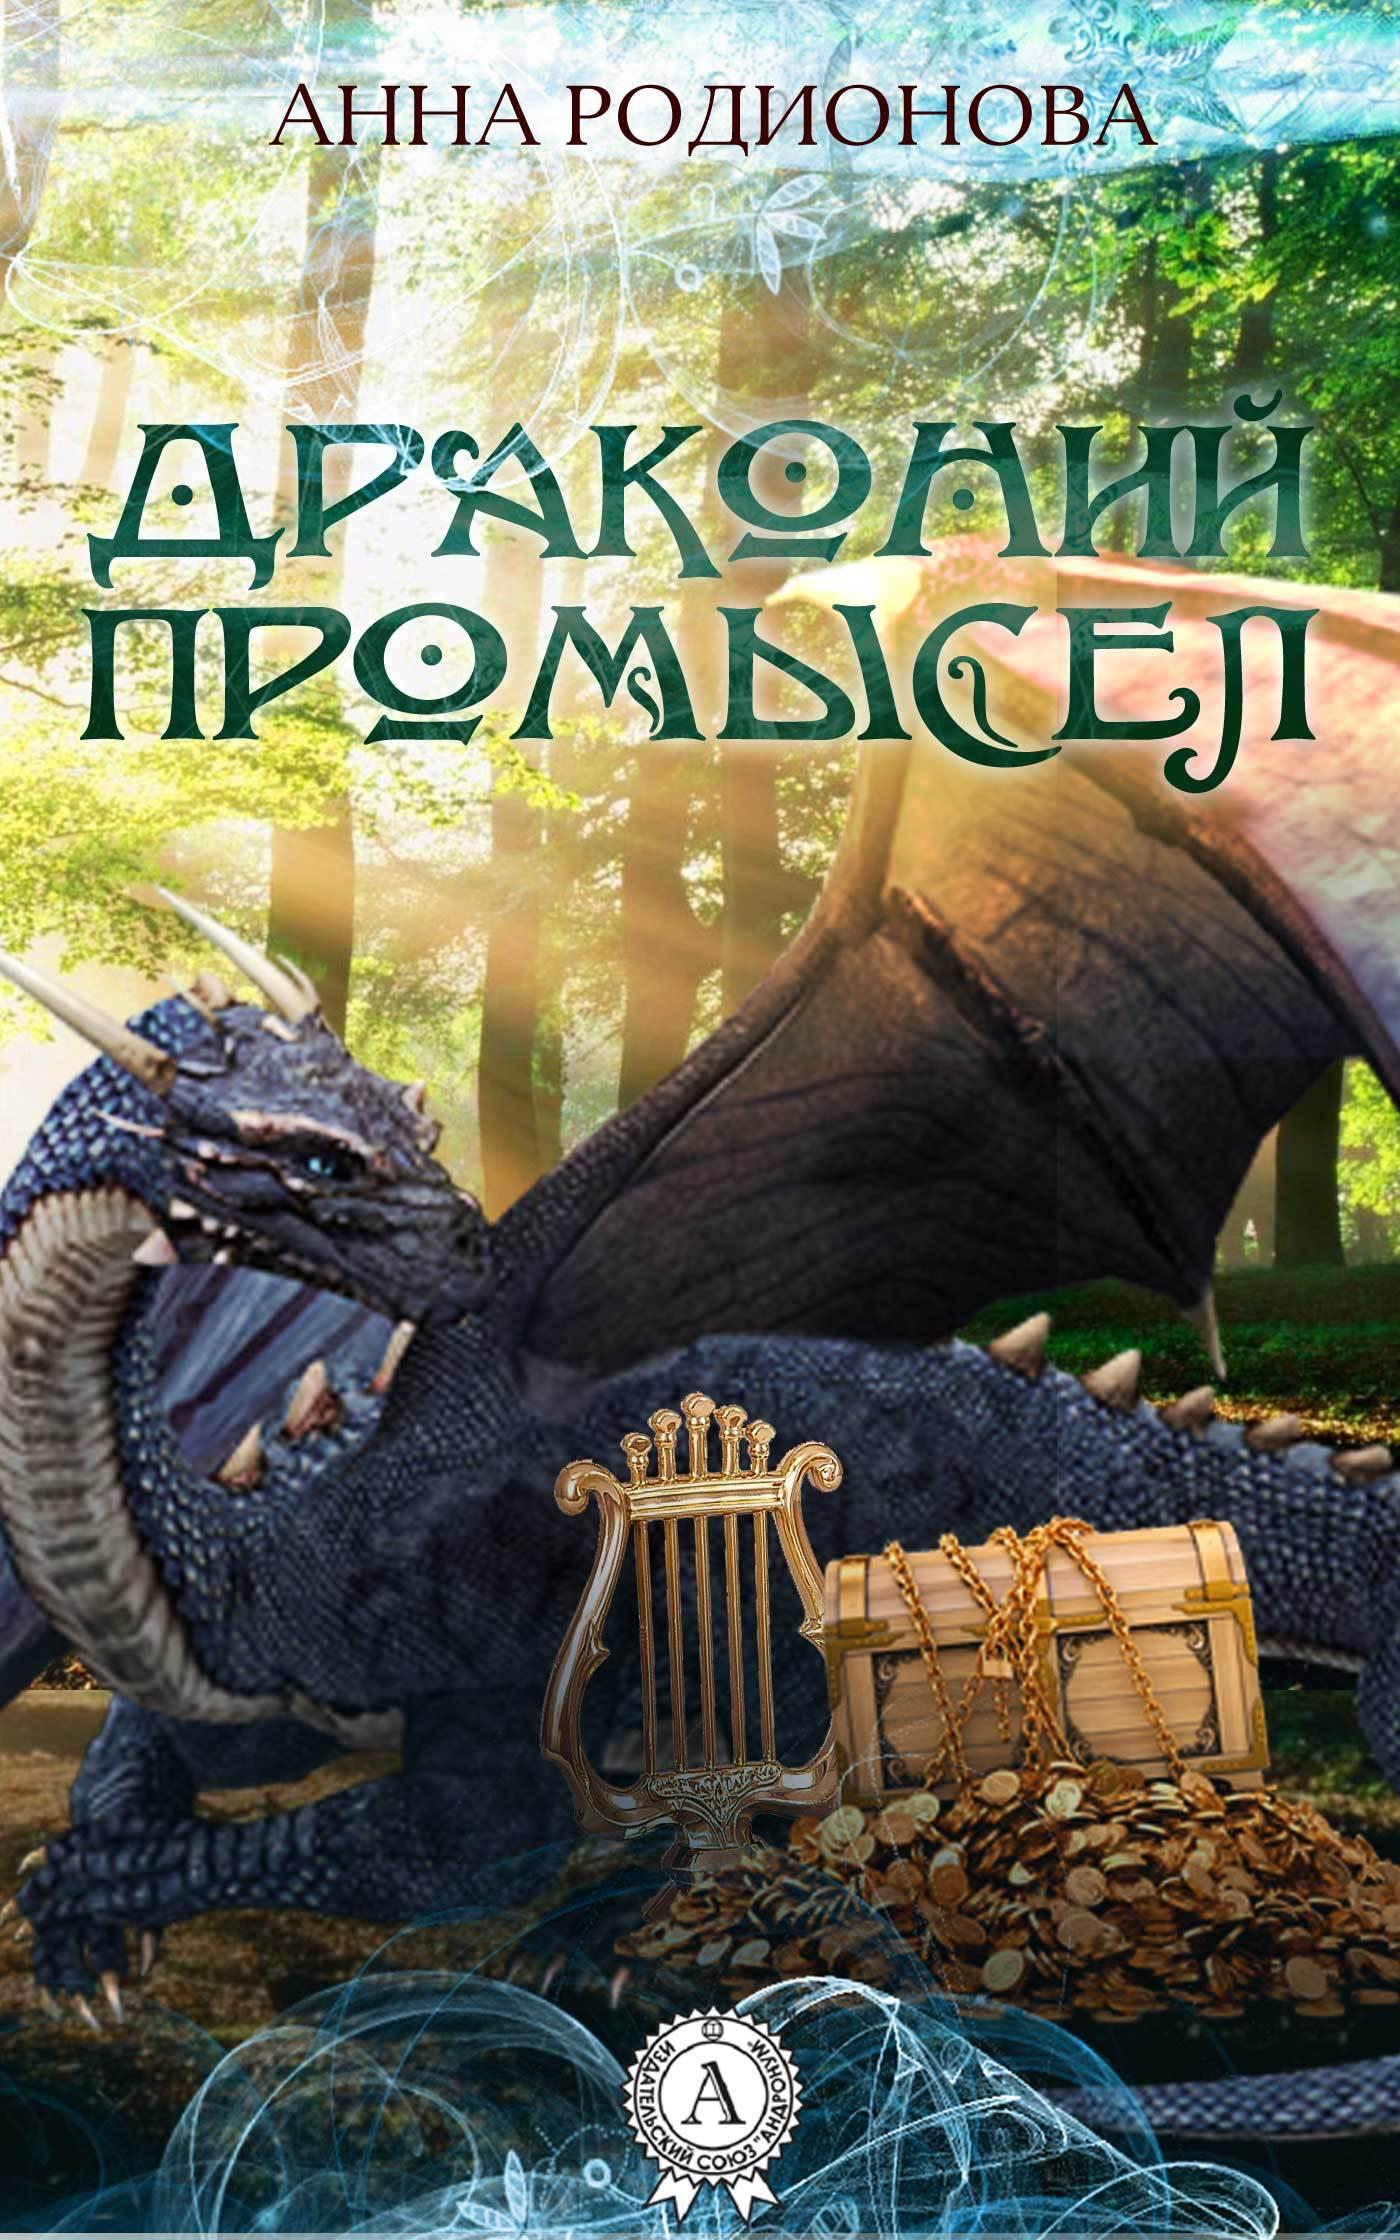 Анна Родионова Драконий промысел анна гаврилова астра шустрое счастье или охота на маленького дракона